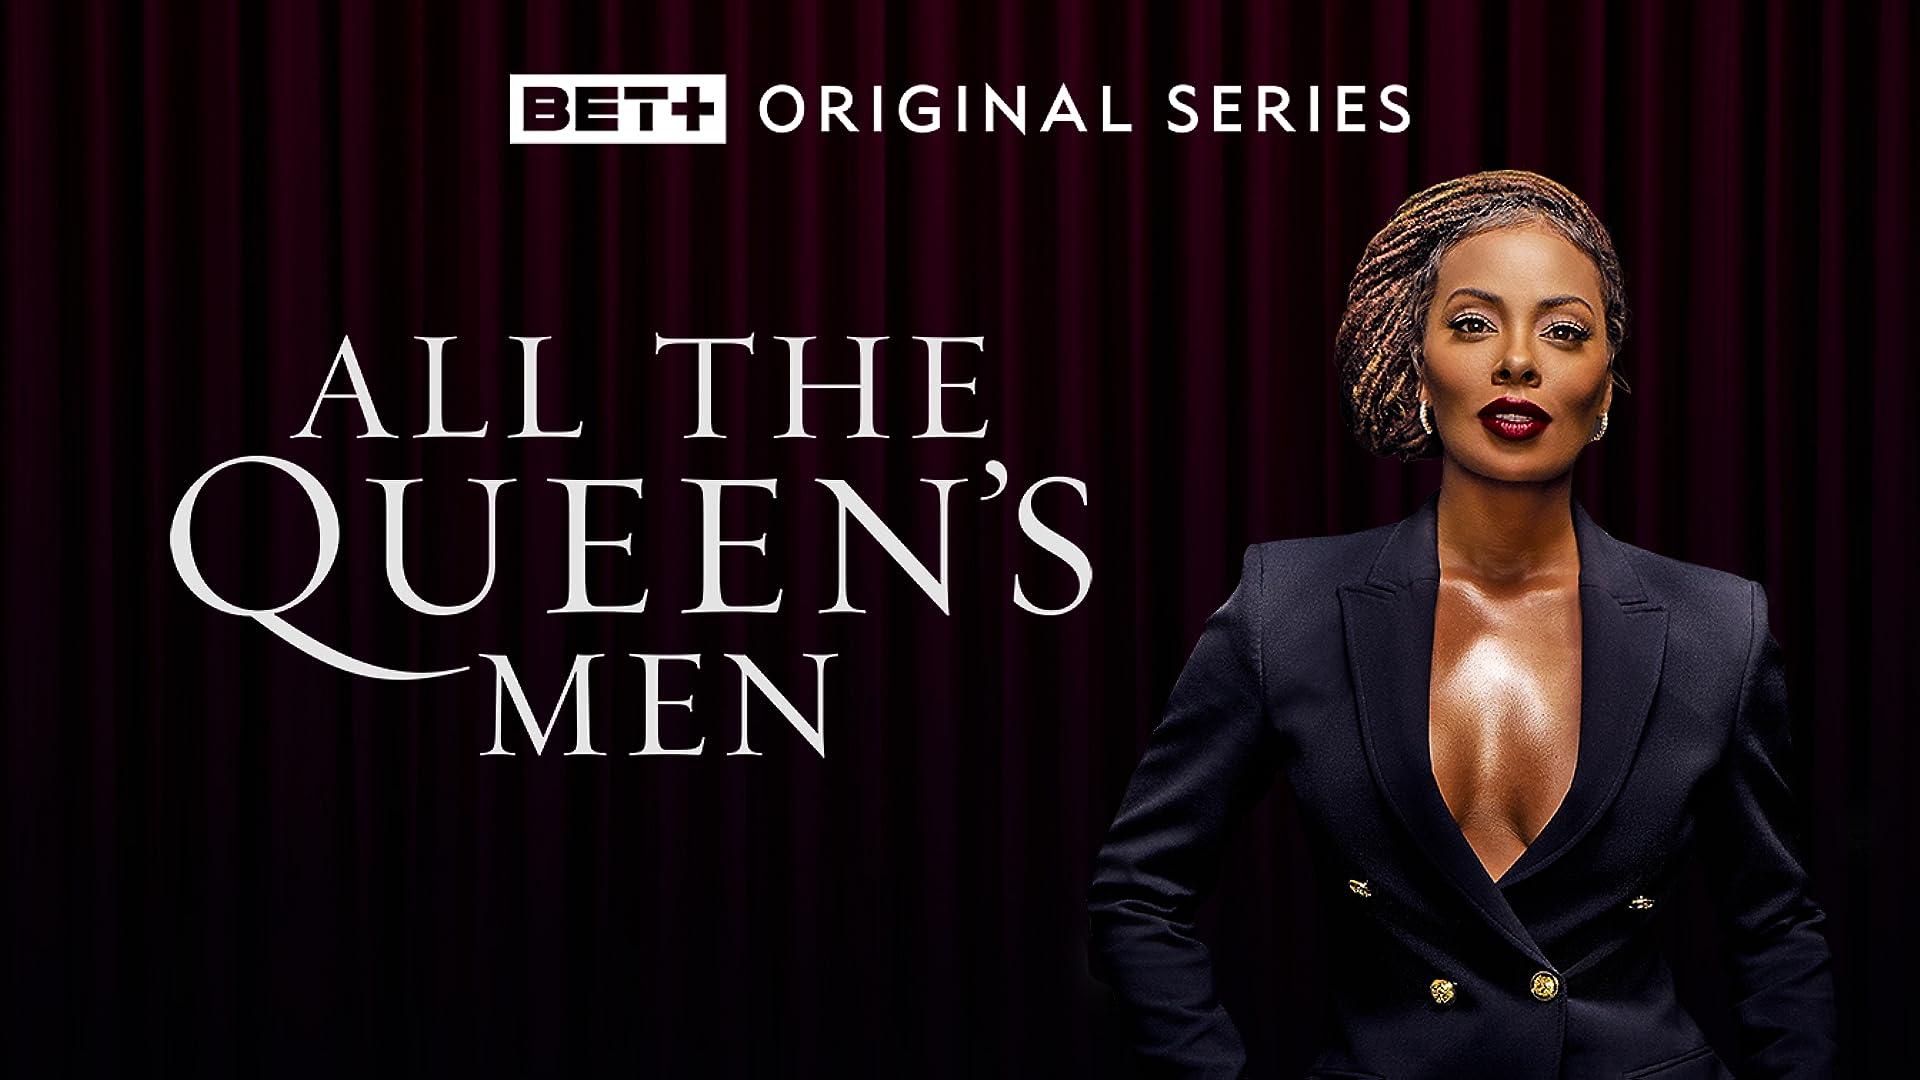 All The Queen's Men Season 1